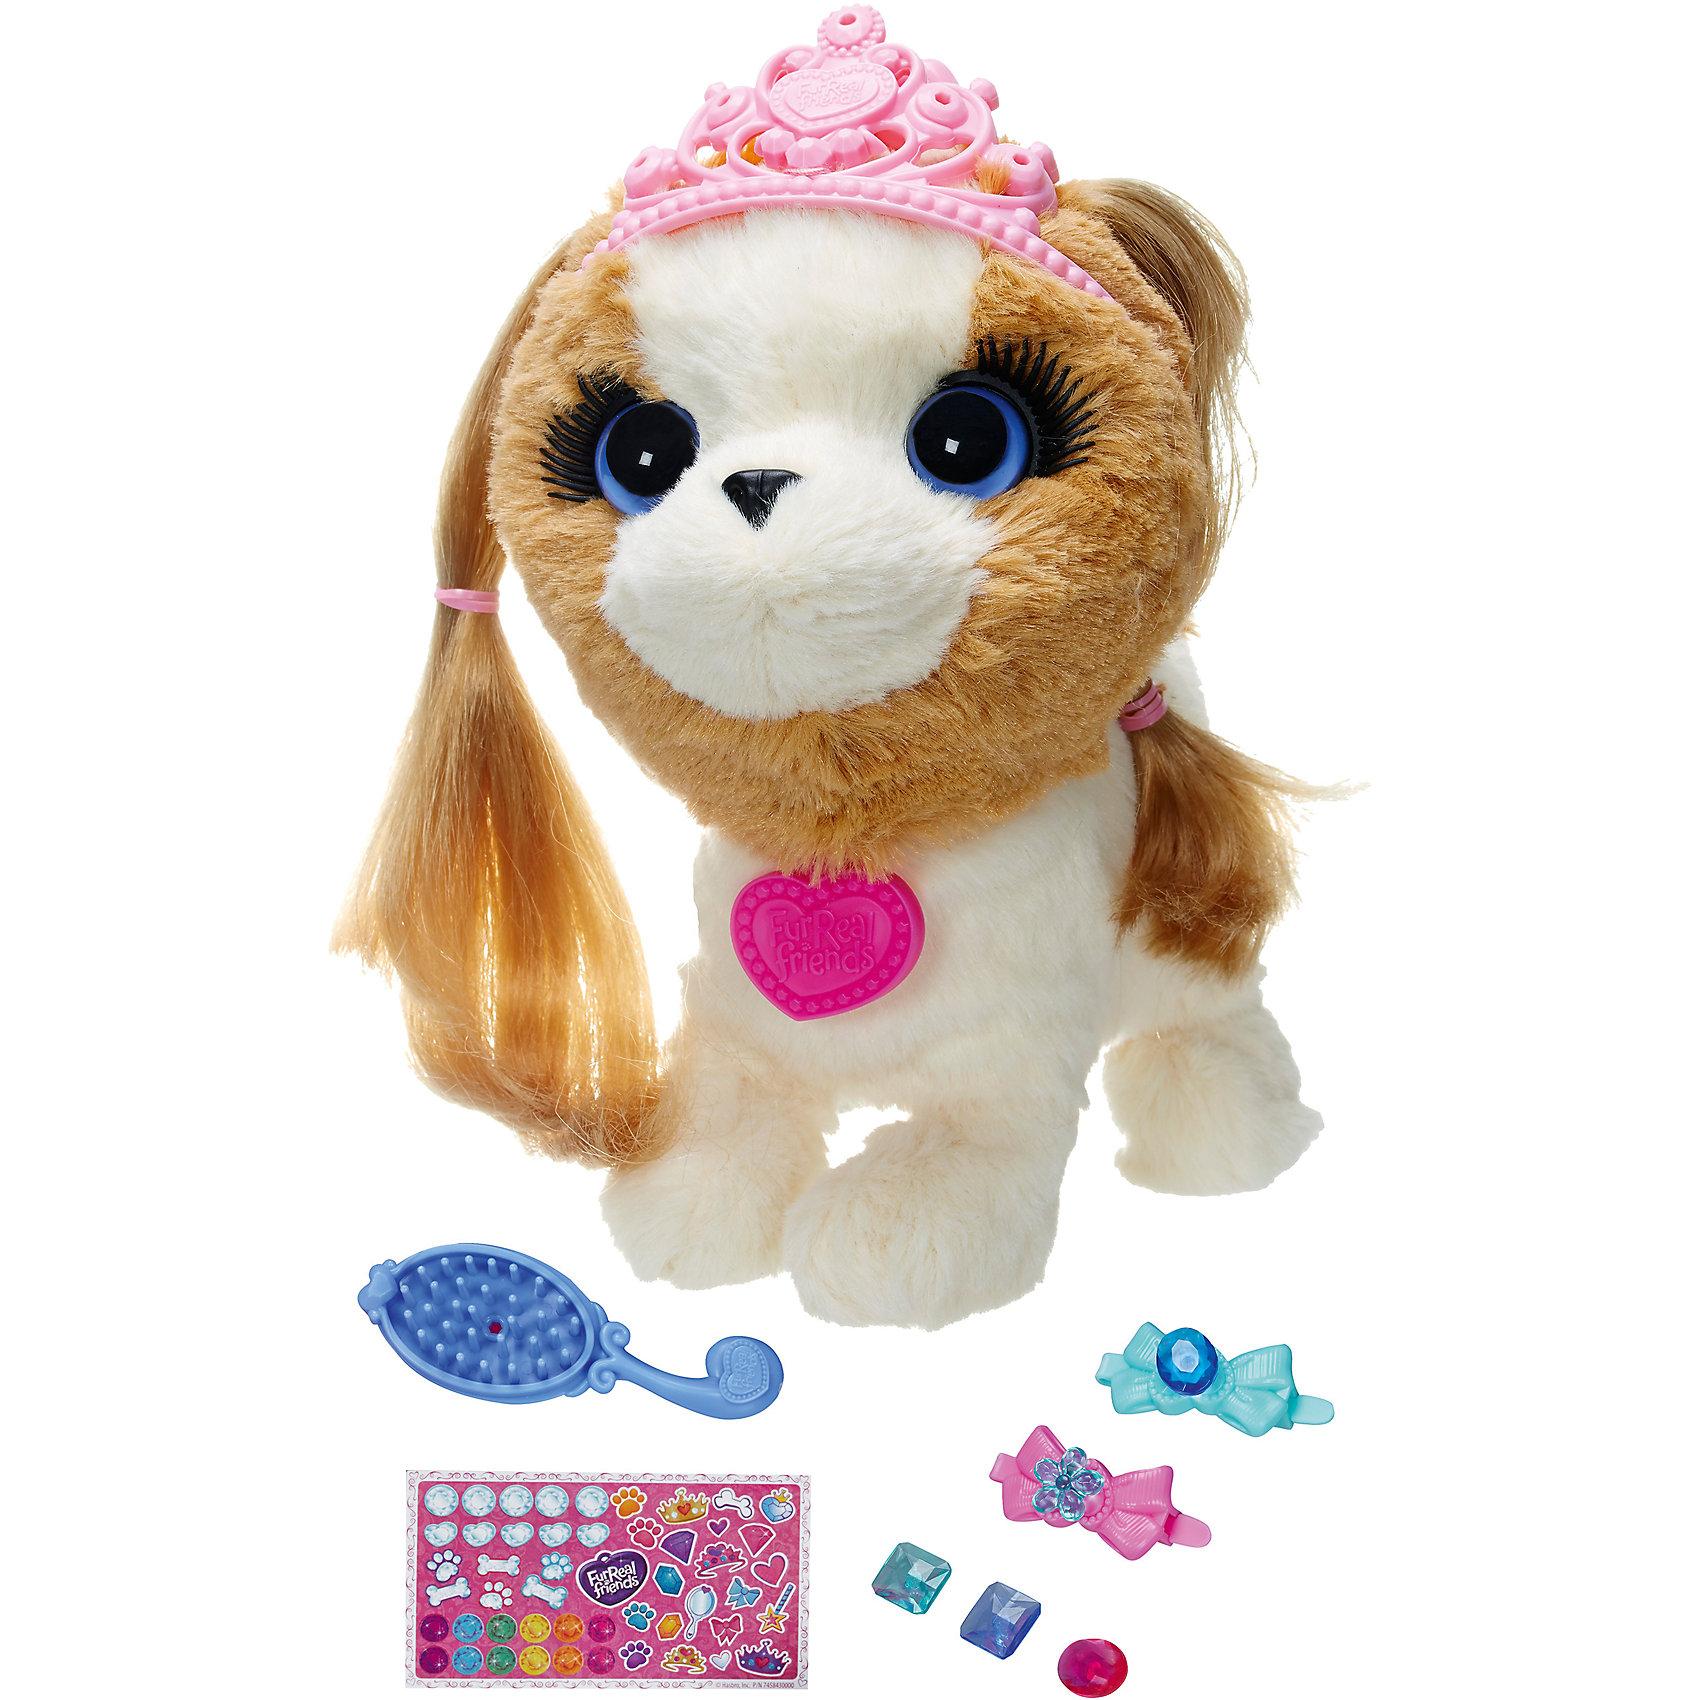 Щенок: Модные зверята, FurRealМодные зверята, FurReal Friends, Hasbro,  - интерактивная собачка-принцесса, который станет любимой игрушкой для вашей девочки.<br>Модные зверята, FurReal Friends от Hasbro (Хасбро) – это игровой набор с интерактивной собачкой-принцессой, о которой необходимо заботиться. Замечательная собачка-принцесса с мягкой бело-коричневой шерсткой не оставит равнодушной вашу малышку. Милое животное мечтает стать самой модной собачкой. В набор входит огромное количество аксессуаров для создания стильного образа. Собачке можно сделать модную прическу. Чтобы укоротить волшебные локоны принцессы, покрутите пластиковый бантик у нее на голове. Вырасти волосы собачки, могут тоже очень быстро, для этого просто потяните ее за хвостики. С волосами можно делать все, что угодно - расчесывать, закалывать, плести косички. Завершающим акцентом модного образа станет нежно-розовая узорная тиара, которая по цвету прекрасно подходит к светло-фиалковым глазам игрушки. Кроме того, тиару можно украсить различными элементами из набора. Если нажать на спинку собачки, то она будет радостно лаять, радуясь тому, что ей уделили внимание. Благодаря такой игрушке, Ваша малышка научиться заботиться о животных, а также она будет проявлять всю свою нежность, ласку и заботу к животному.<br><br>Дополнительная информация:<br><br>- В наборе: интерактивный щенок, корона, расческа, заколки, наклейки, пластиковые стразы, инструкция<br>- Батарейки: 2 х AAA / LR03 1.5V мизинчиковые (входят в комплект)<br>- Материал: плюш, текстиль, пластик<br>- Размер упаковки: 25 х 11 х 21,2 см.<br>- Вес: 520 гр.<br><br>Модных зверят, FurReal Friends, Hasbro, можно купить в нашем интернет-магазине.<br><br>Ширина мм: 110<br>Глубина мм: 250<br>Высота мм: 212<br>Вес г: 520<br>Возраст от месяцев: 48<br>Возраст до месяцев: 120<br>Пол: Женский<br>Возраст: Детский<br>SKU: 4312941